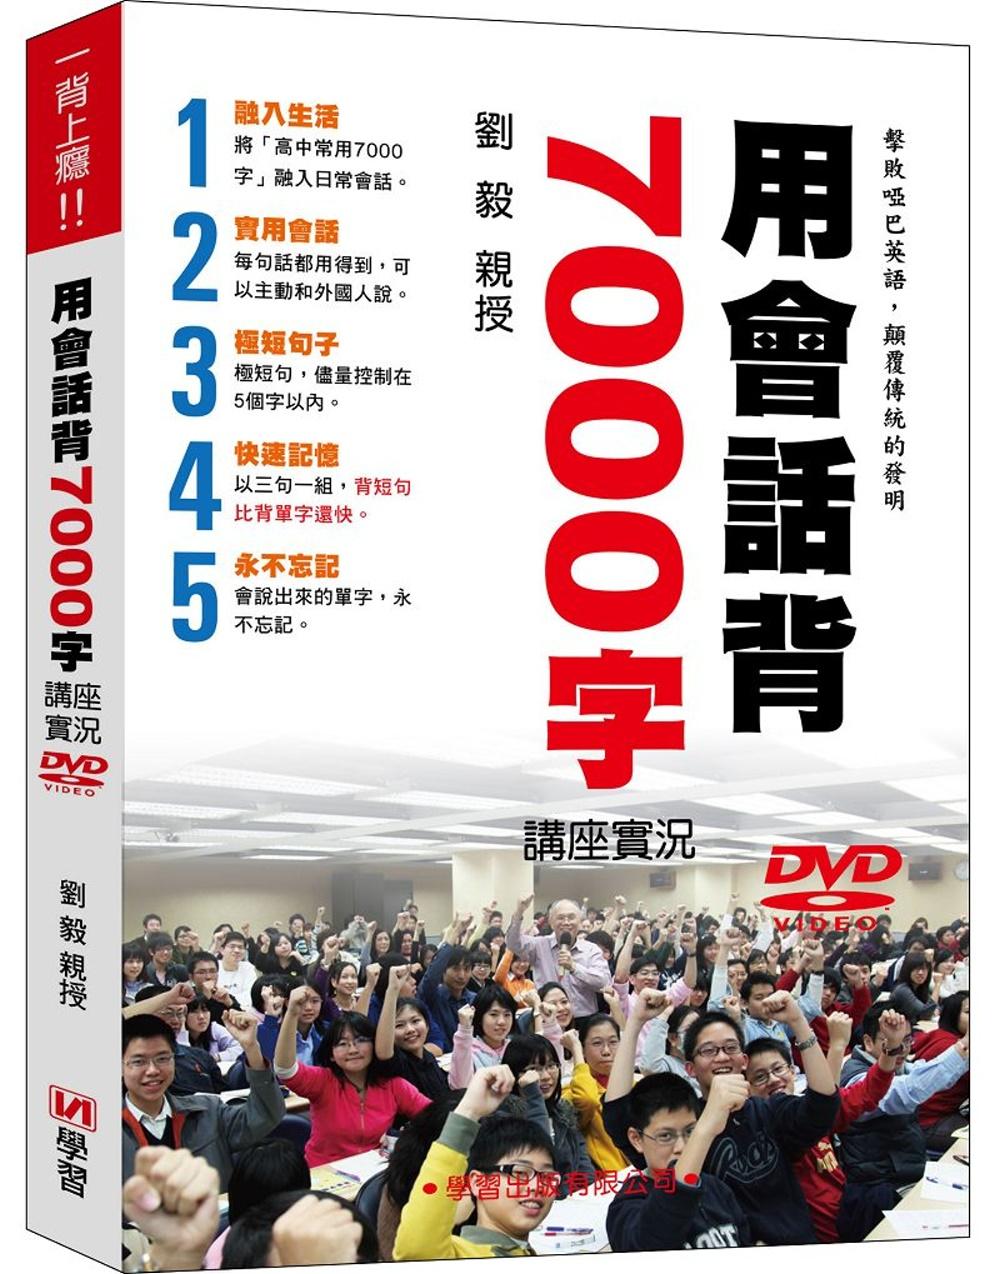 用會話背7000字講座實況DVD